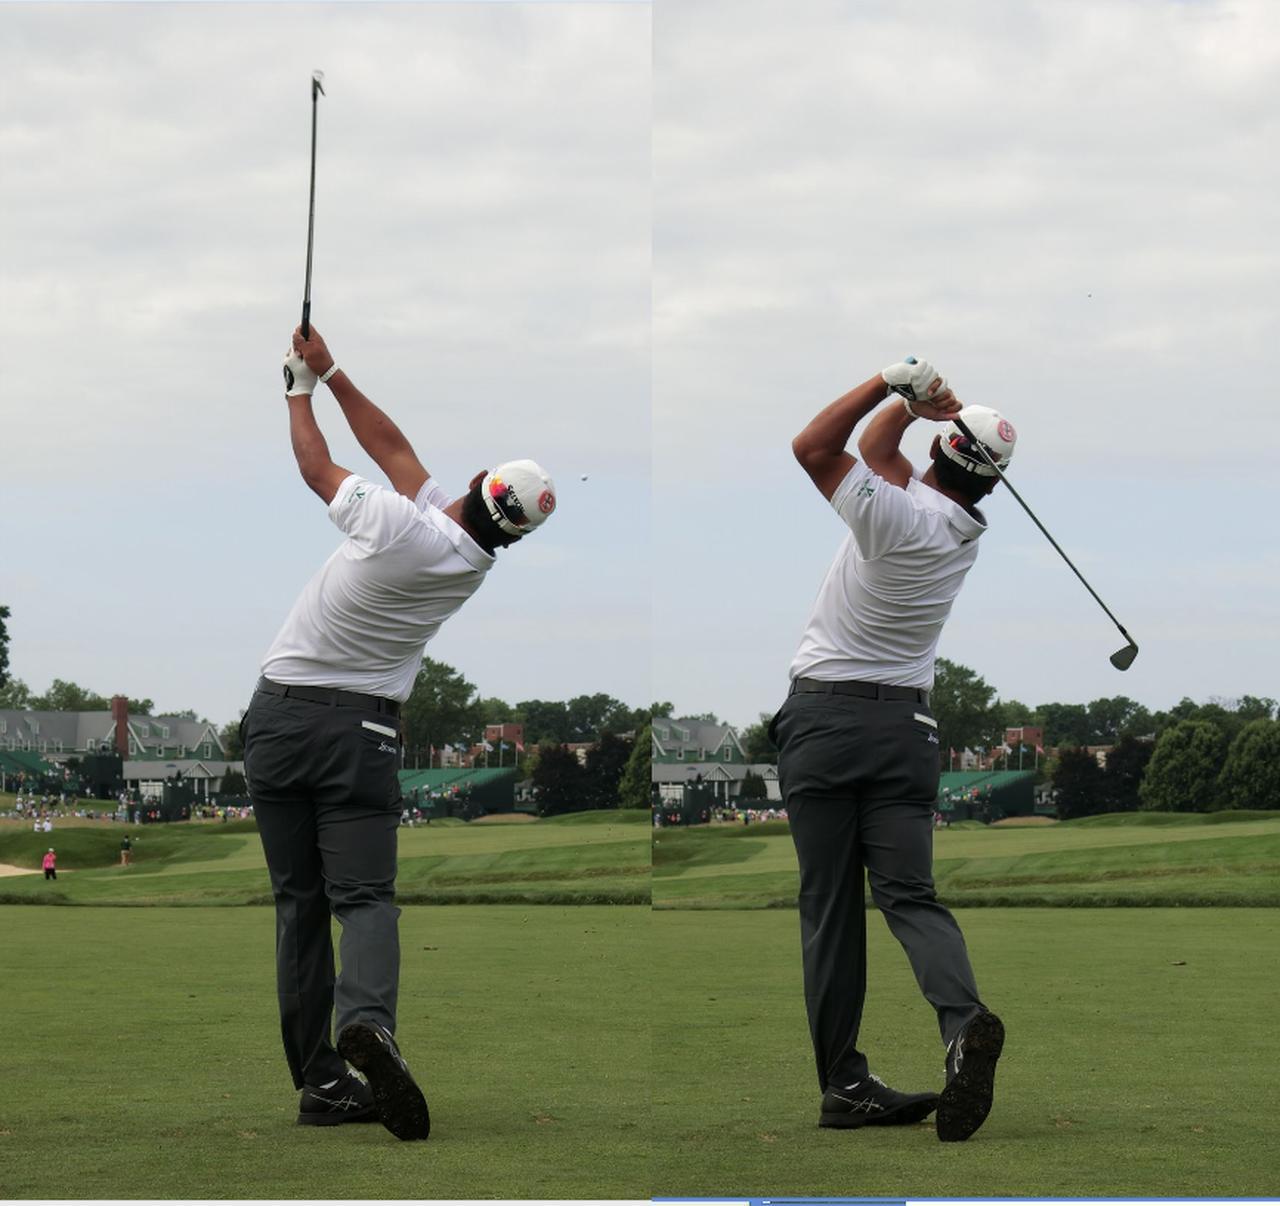 画像: 右手首の角度がキープされ続けた結果フィニッシュは高い位置に収まる(写真右)